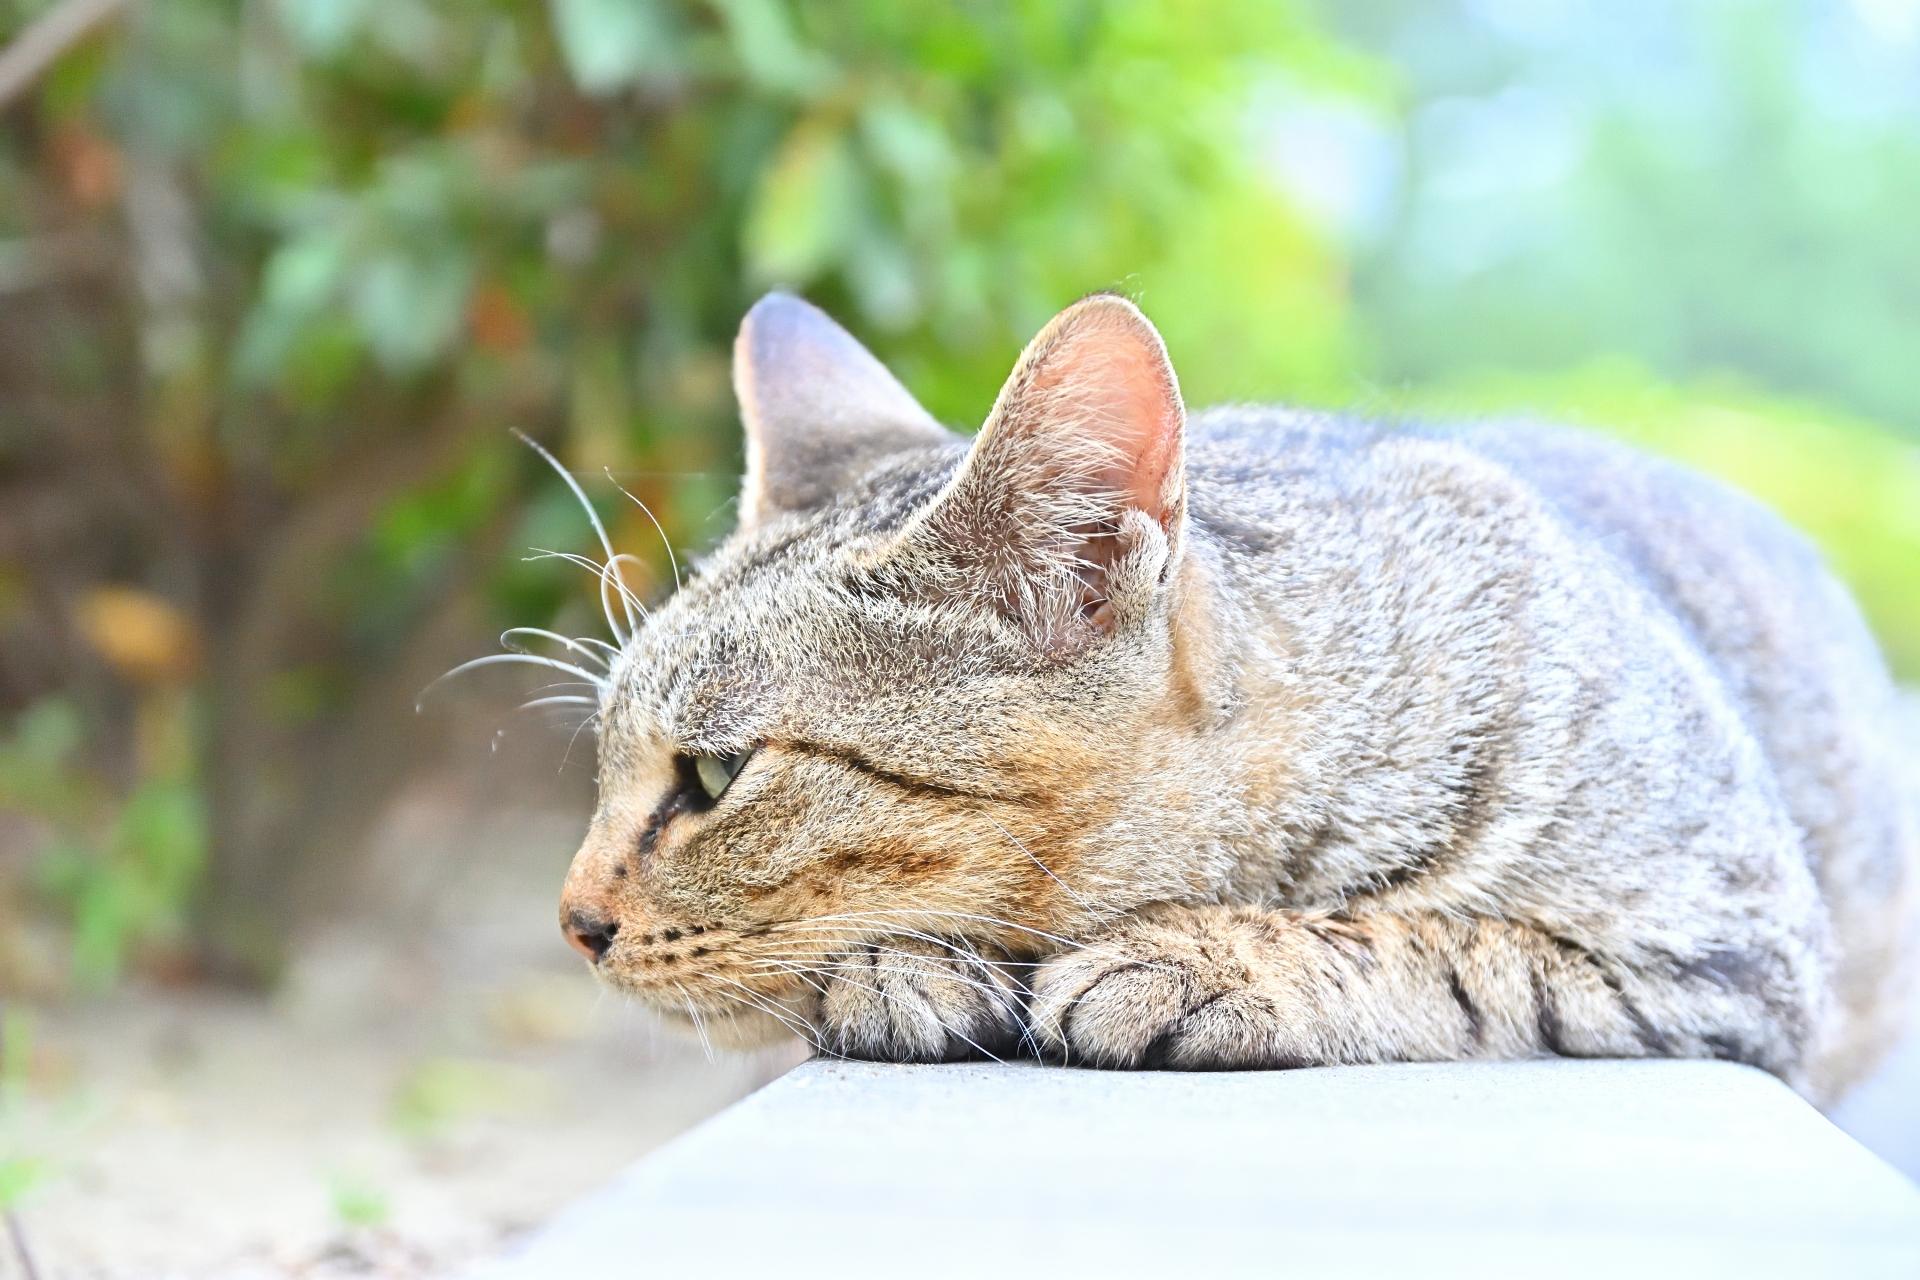 単身者が猫の里親になるための条件とは